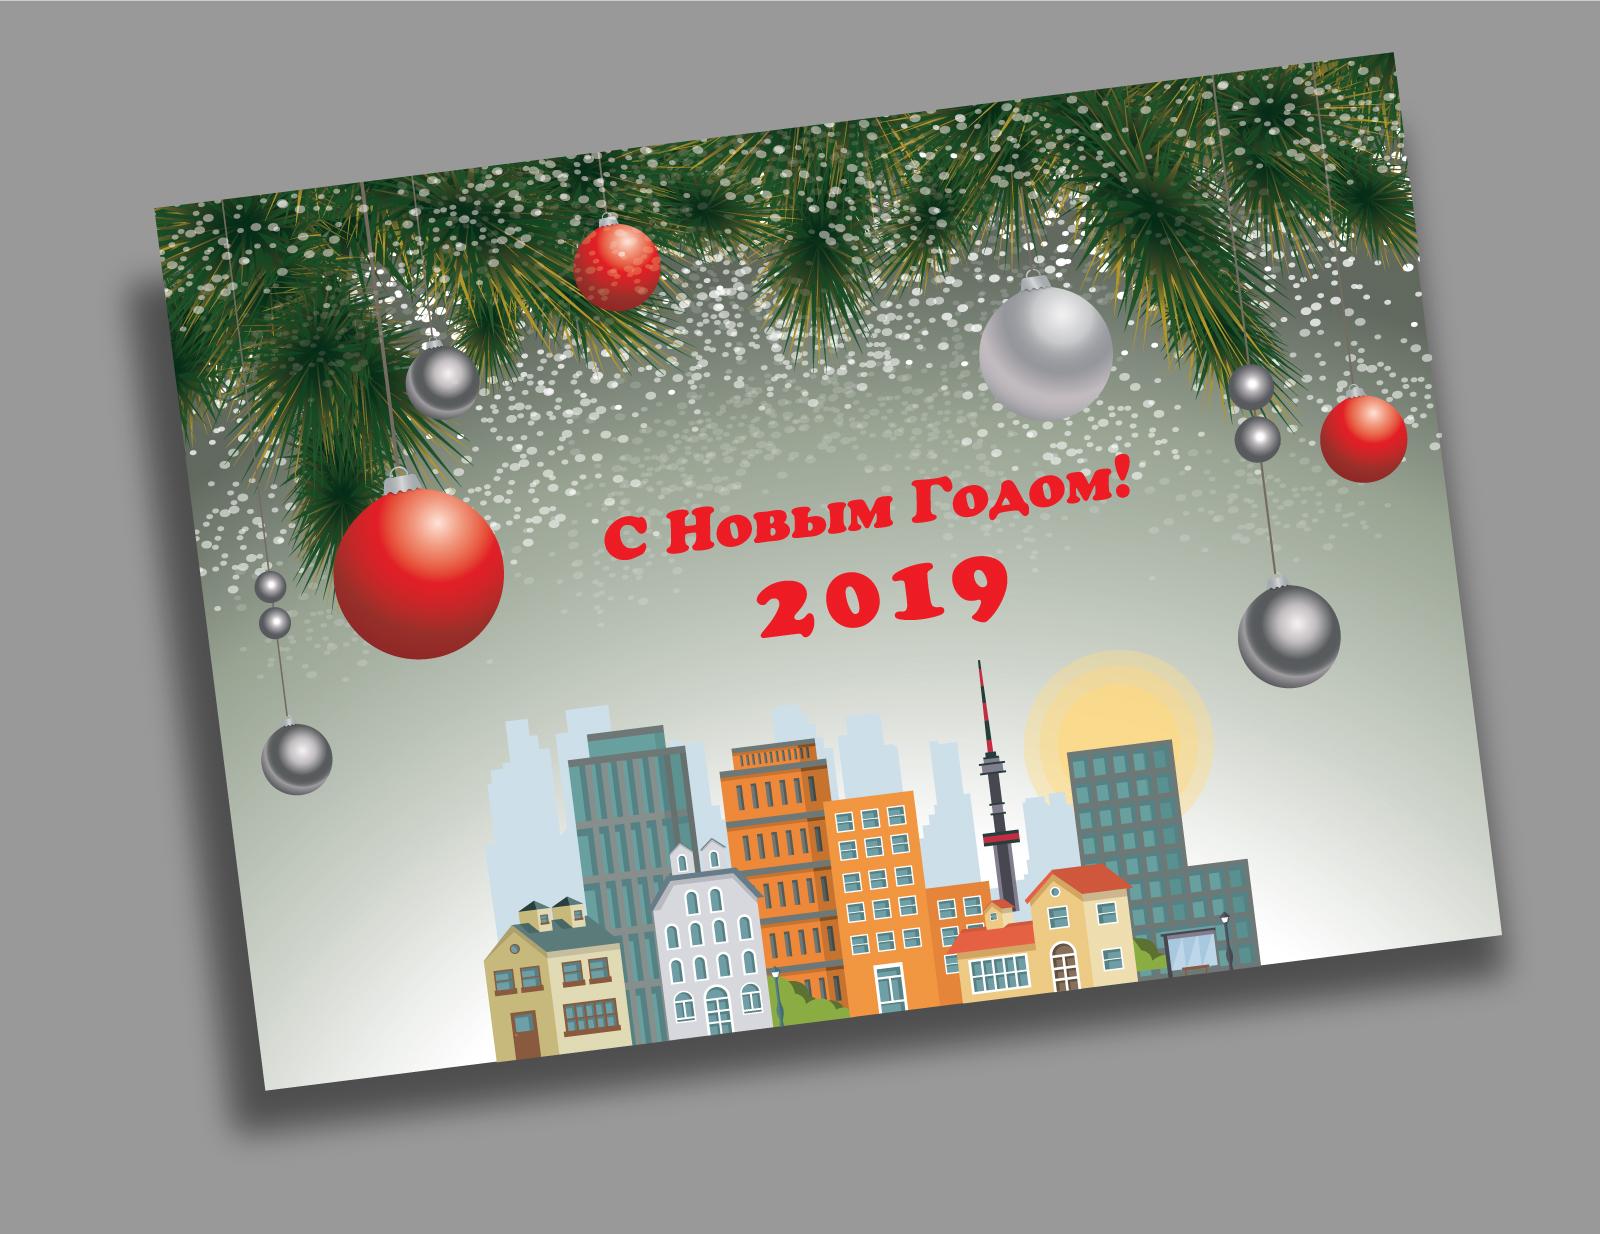 Новый год открытка фриланс, открытки добрым утром